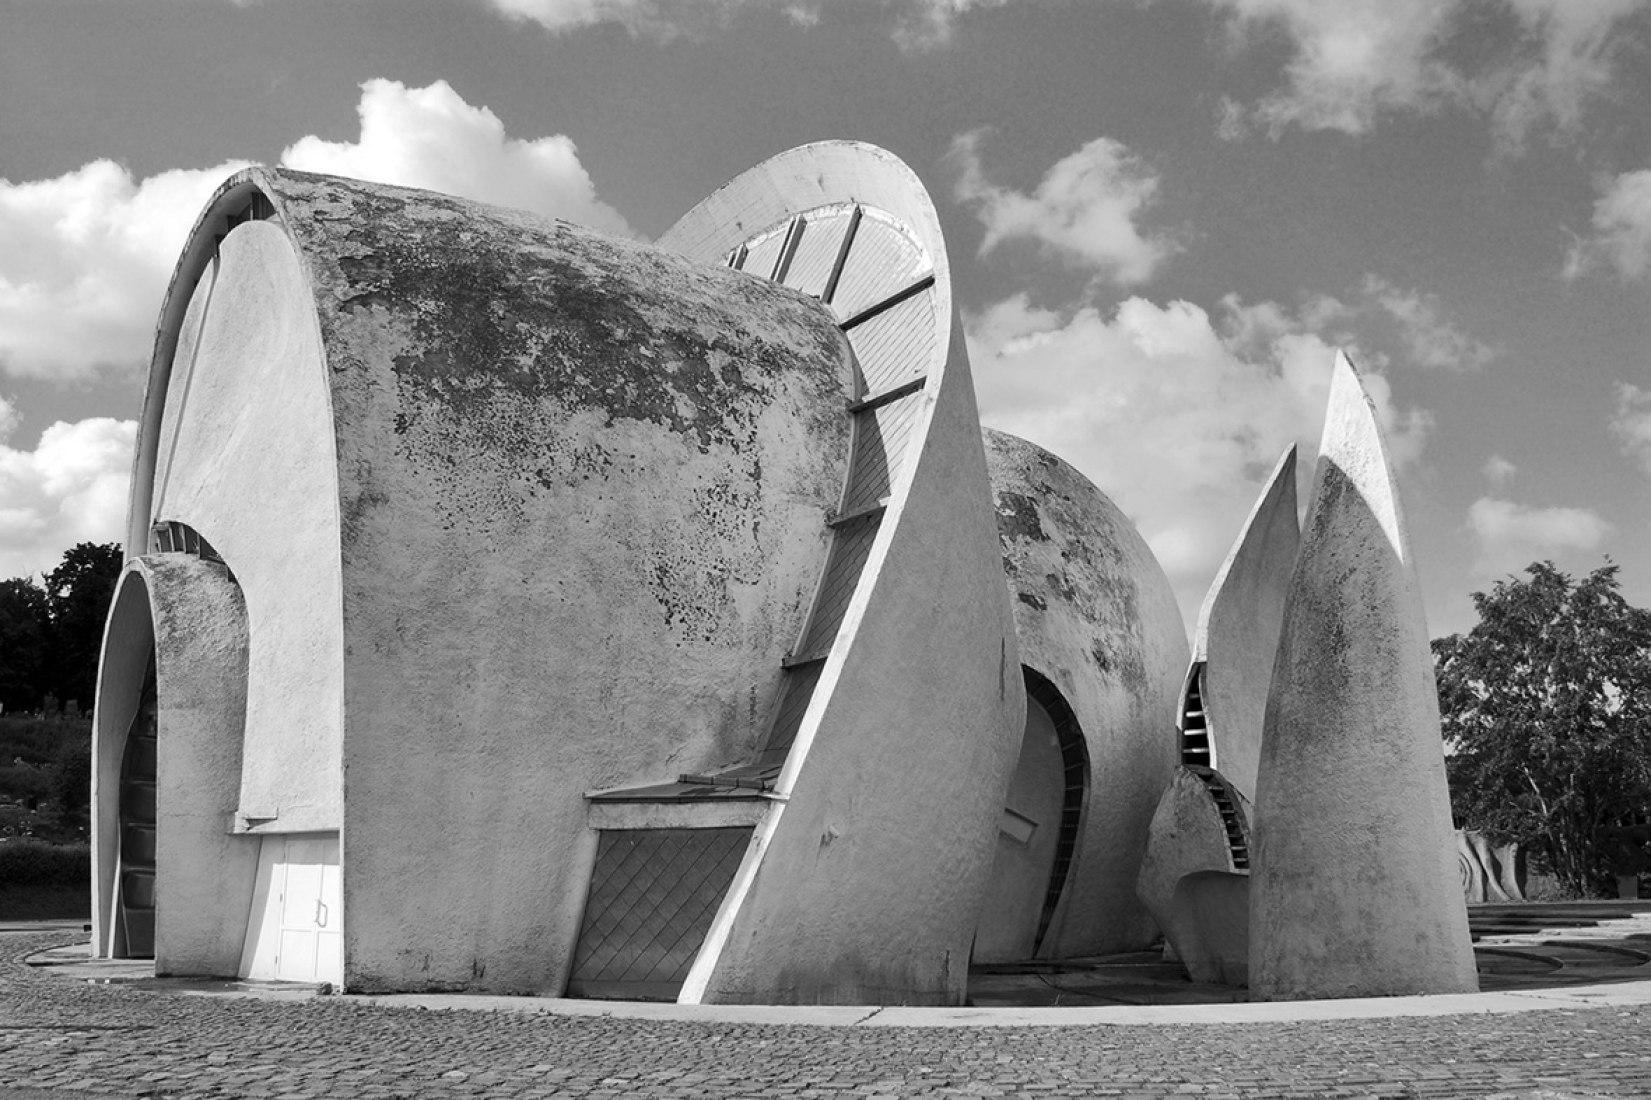 Crematorio del Parque de la Memoria por A. Miletskyi, V. Melnichenko y A. Rybachuk. Imagen cortesía de Garage Museum of Contemporary Art.